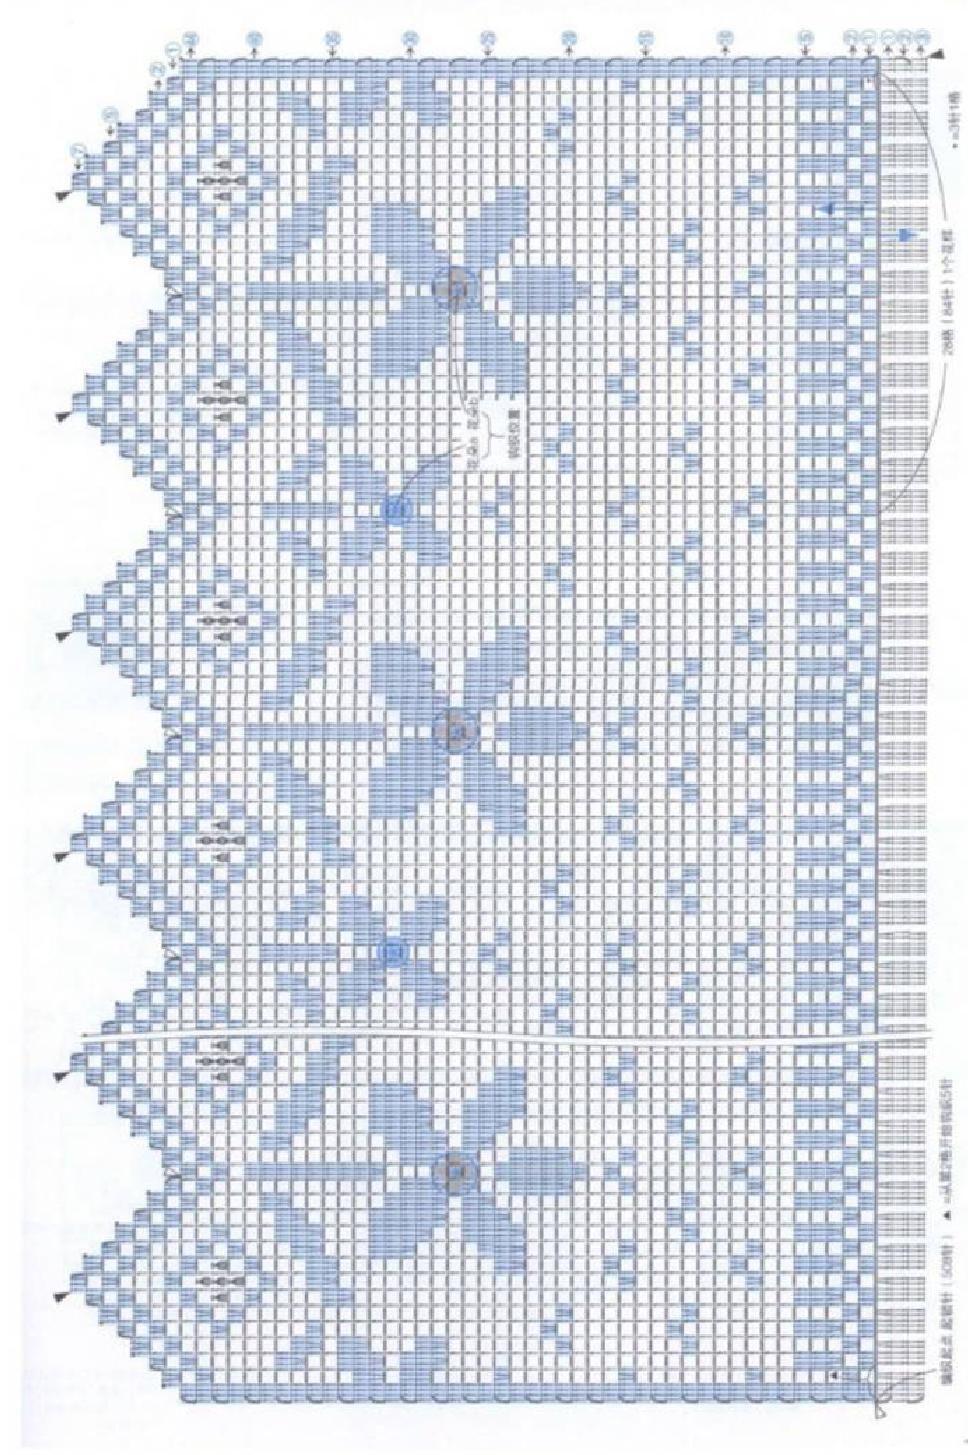 Chochet 002 030 | Pinterest | Gardinen, Gardinen häkeln und Häkeln